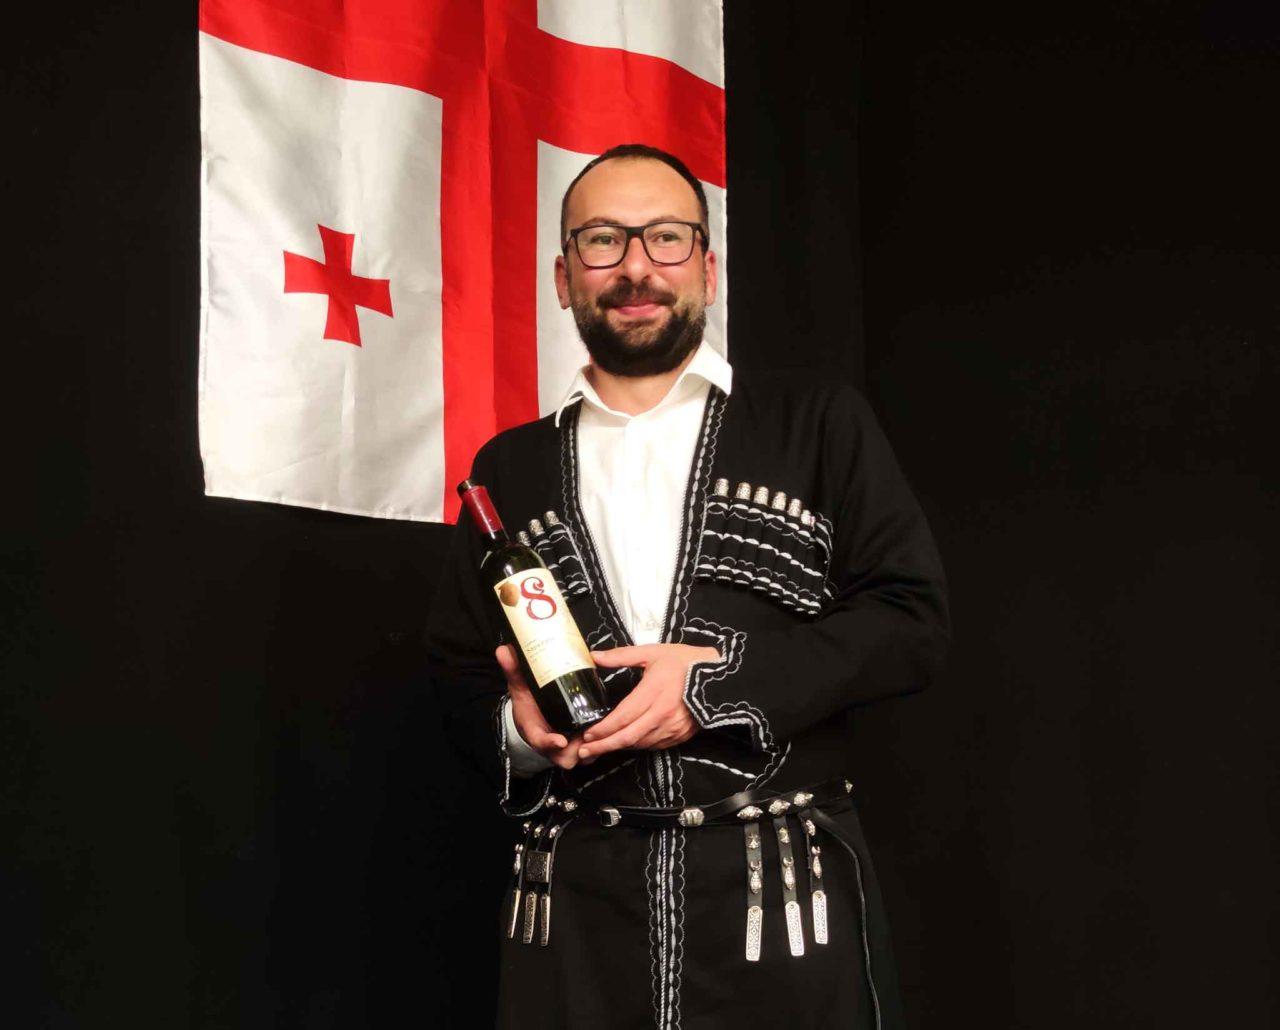 8Millennium distribuidor de vinos georgianos